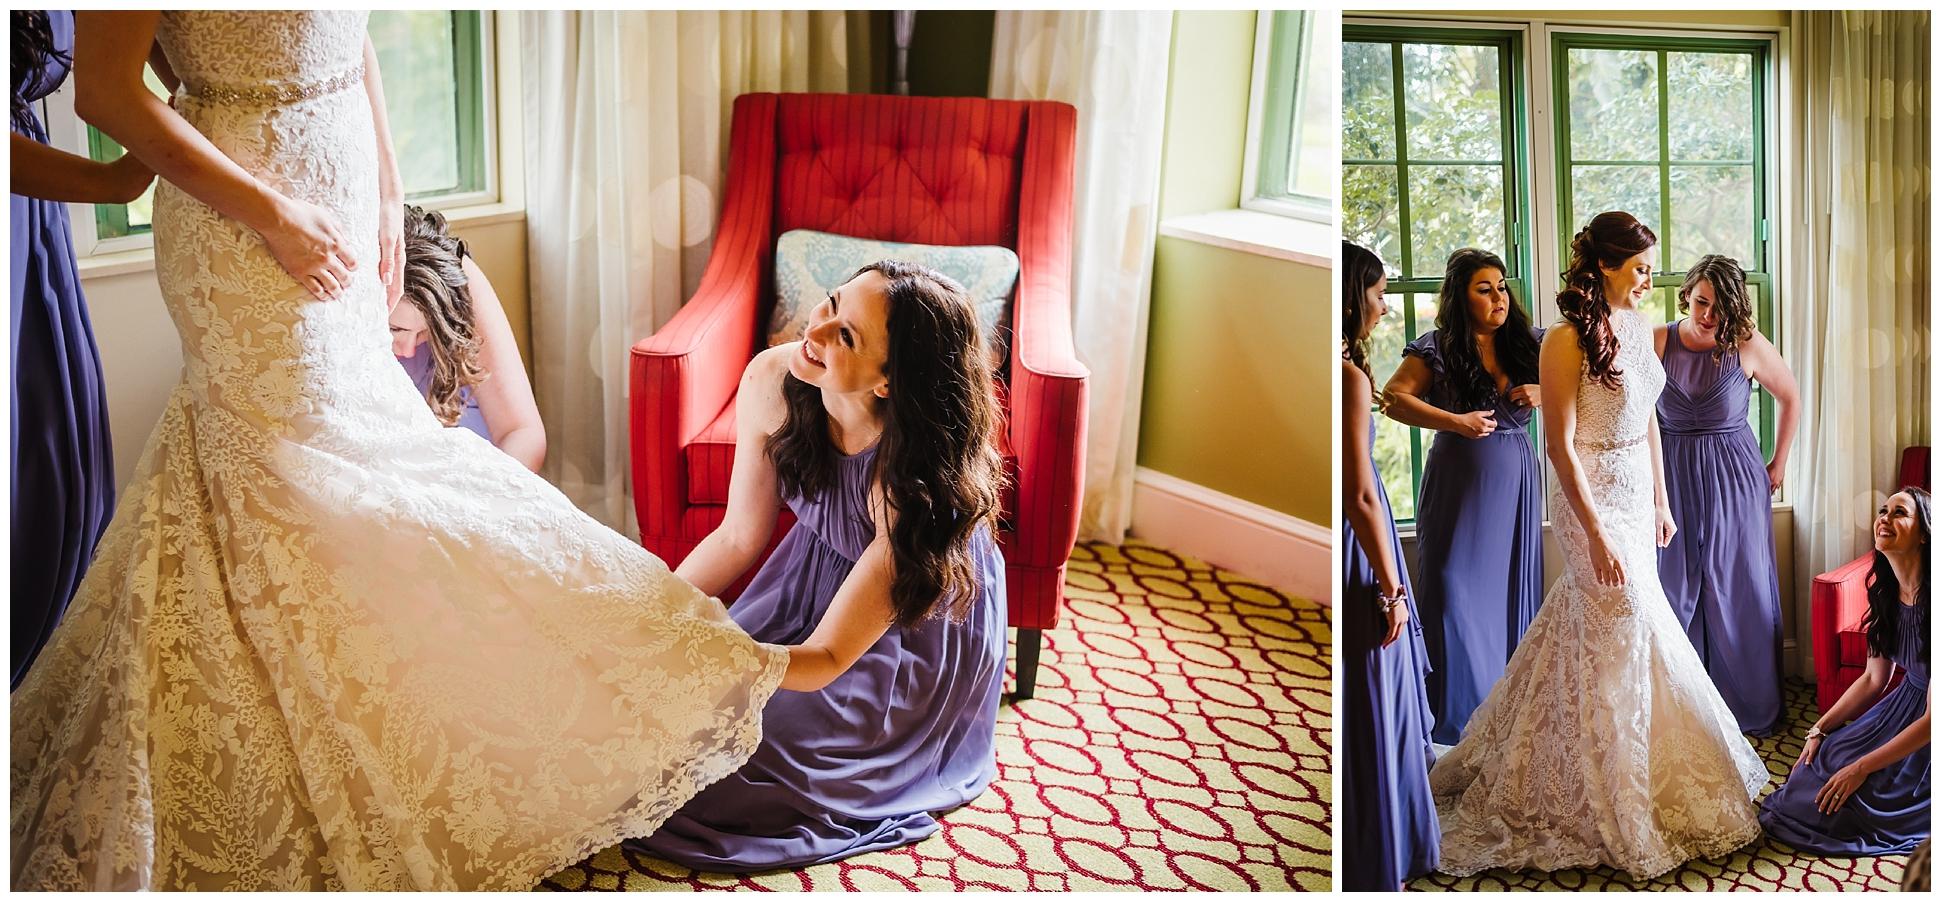 st-pete-wedding-photographer-nova-535-murals-downtown-lavendar_0005.jpg